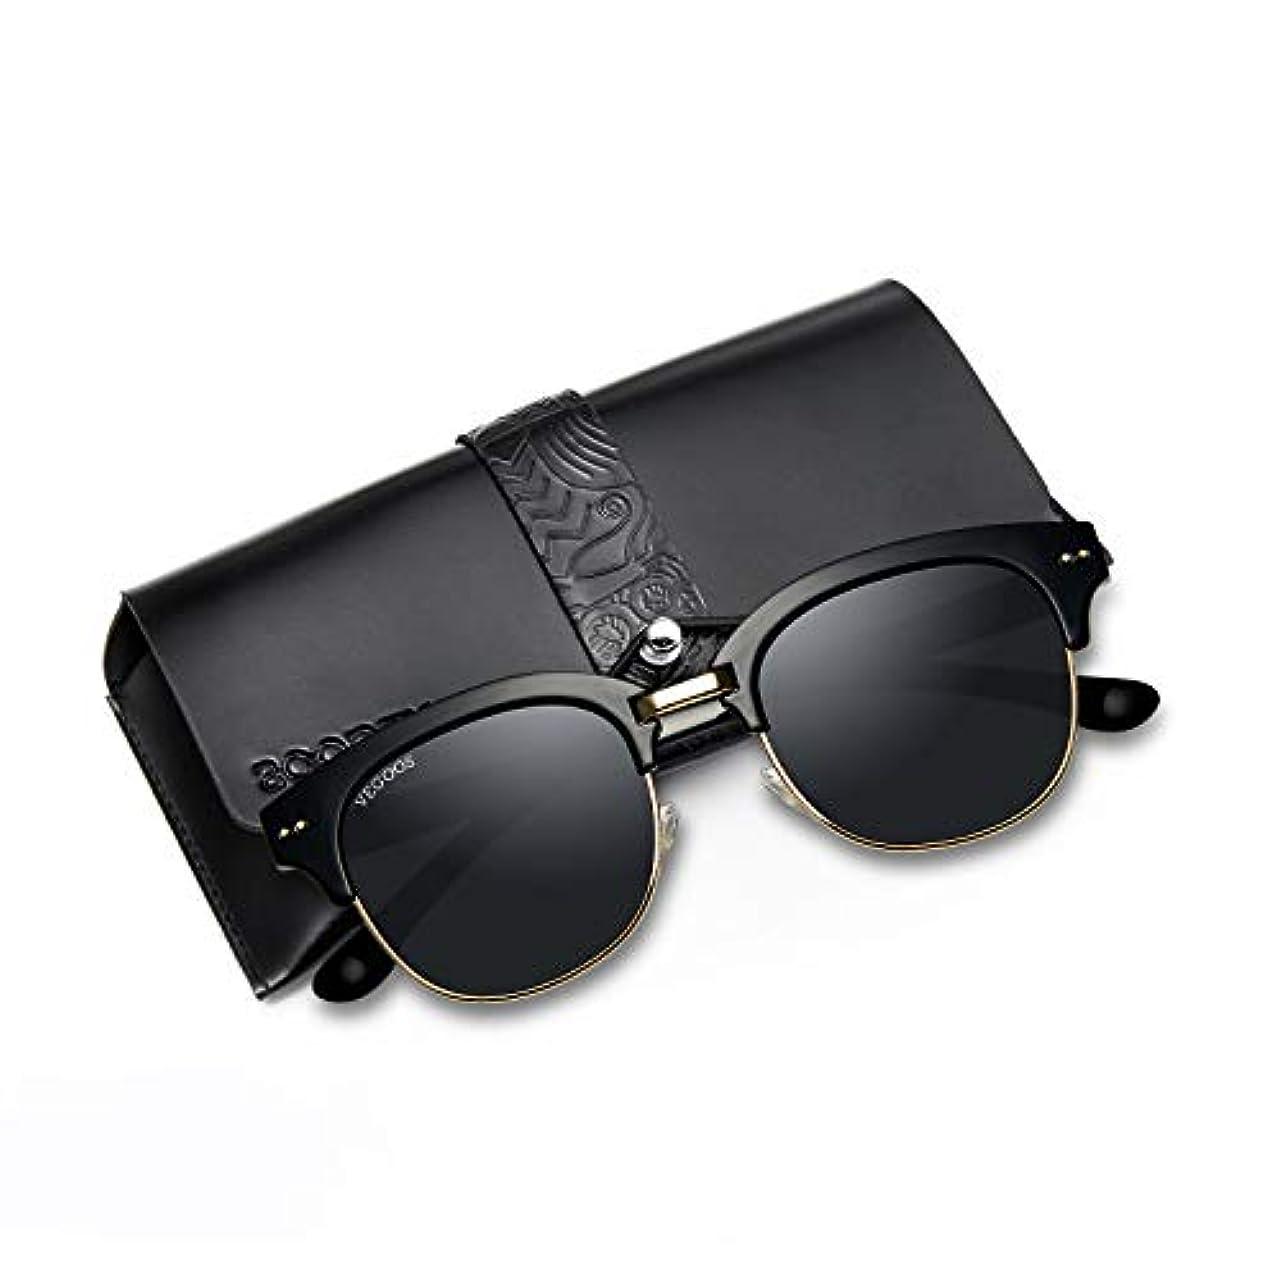 新着時々時々ポスト印象派サングラス VEGOOS レディース メンズ 偏光レンズ メガネ UV400 紫外線対策 クラシック ファッション 軽量 高品質ガラス サーモント型 ユニセックス 眼鏡ケース